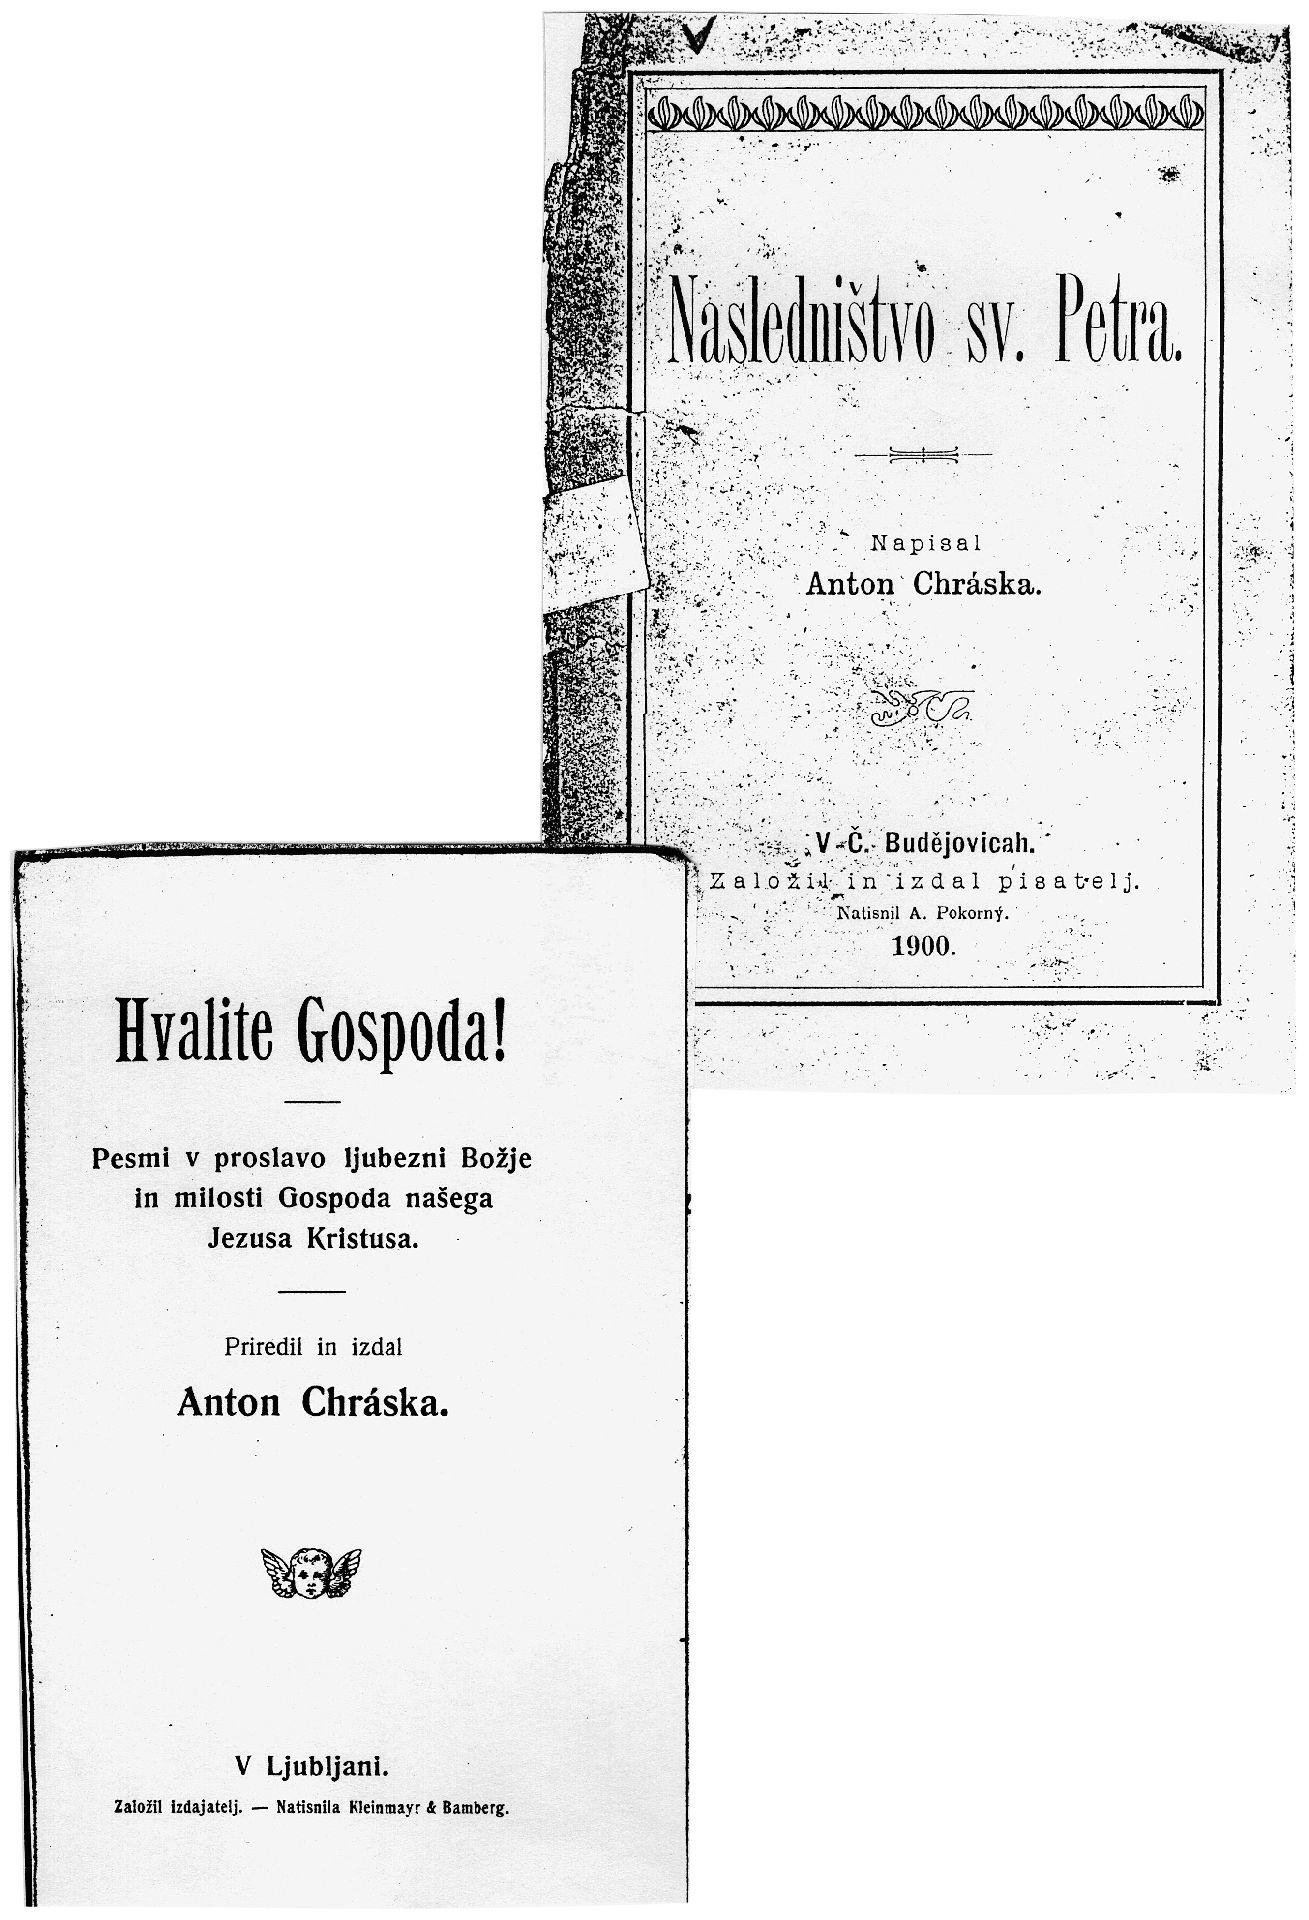 """Pesmarica in """"Nasledništvo sv. Petra"""""""